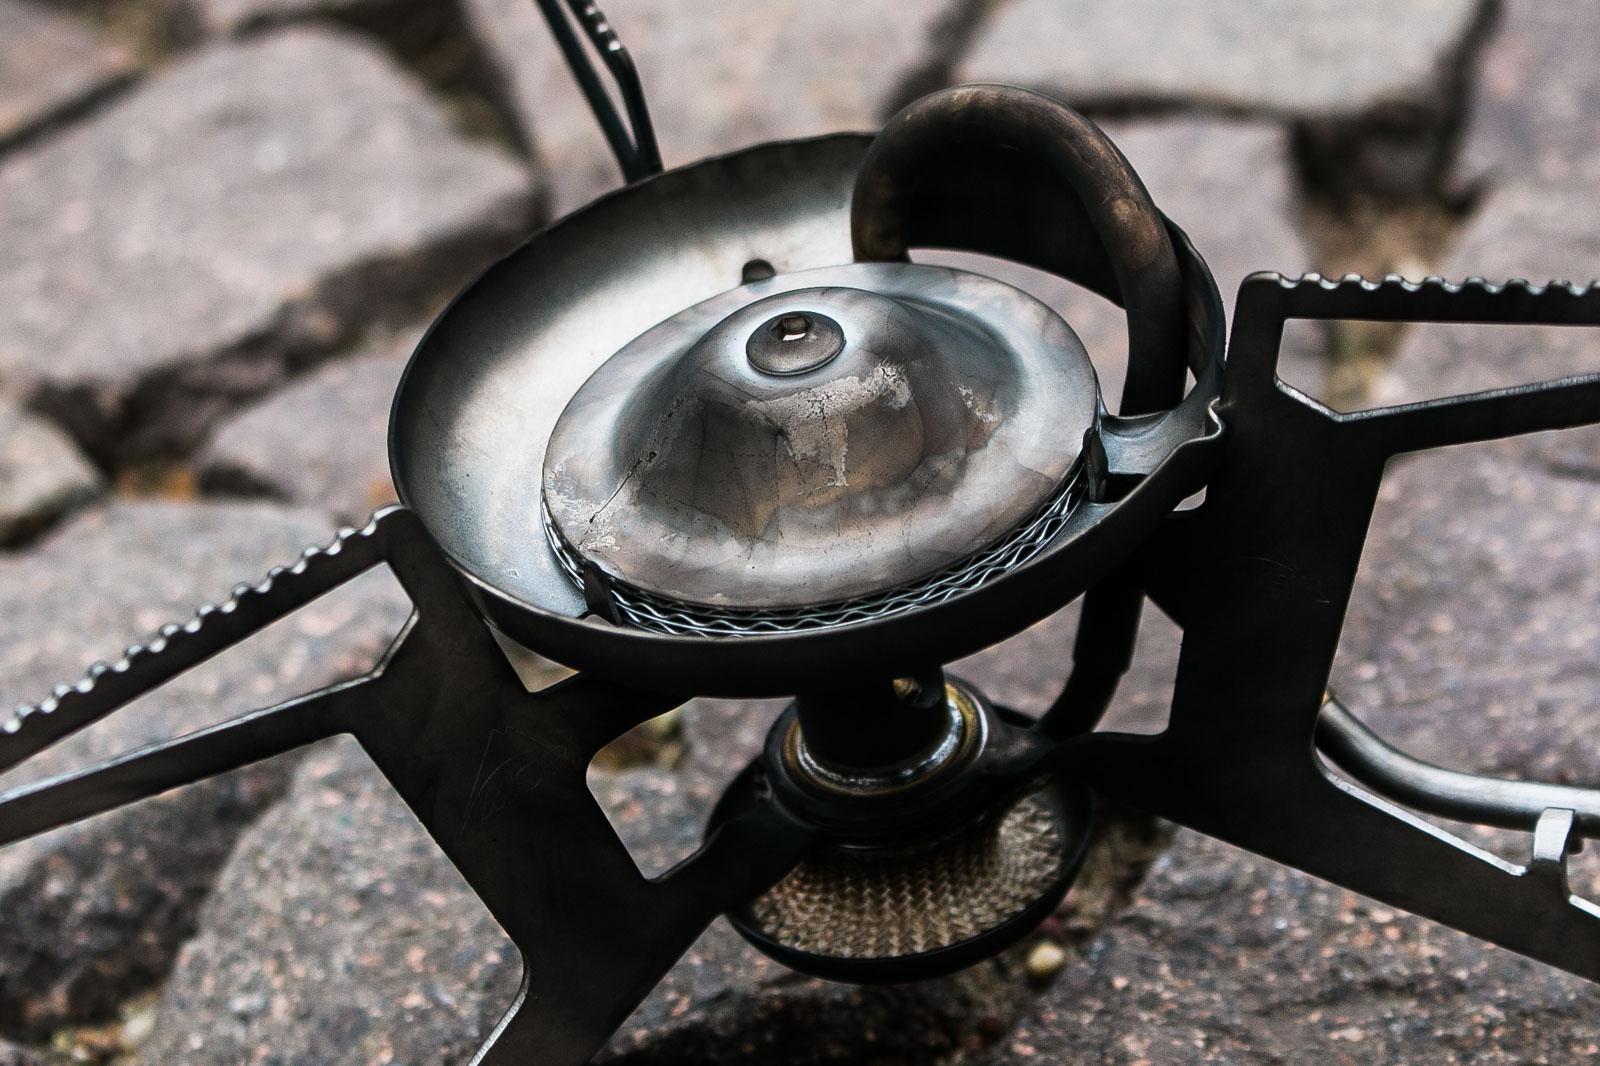 Der Kocher wird beim Verbrennen des Benzins ziemlich verrußt. Das Putzen danach nimmt einige Zeit in Anspruch.